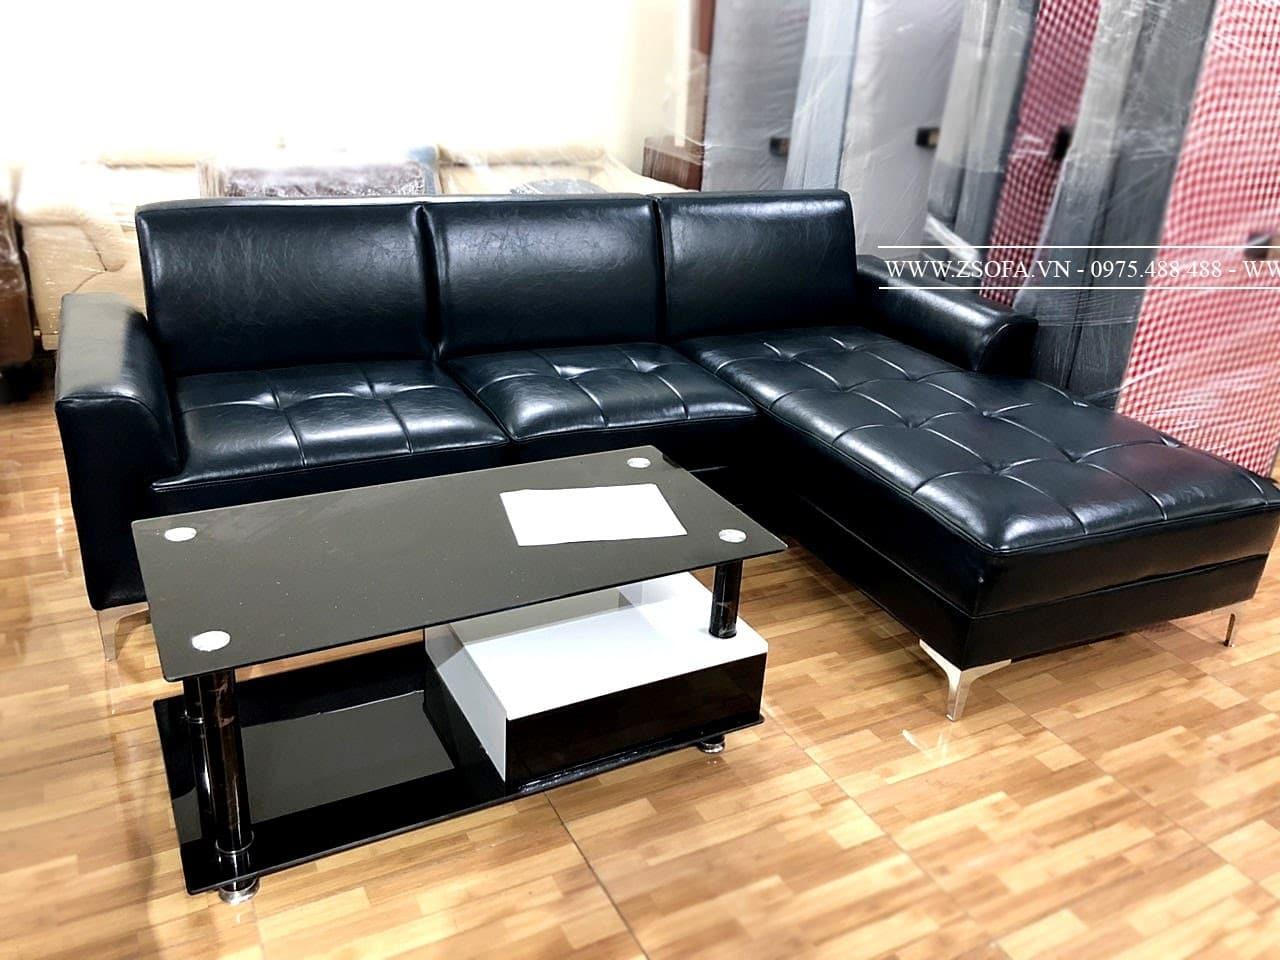 Độ bền của ghế sofa da giá rẻ phụ thuộc vào cách sử dụng của từng gia đình